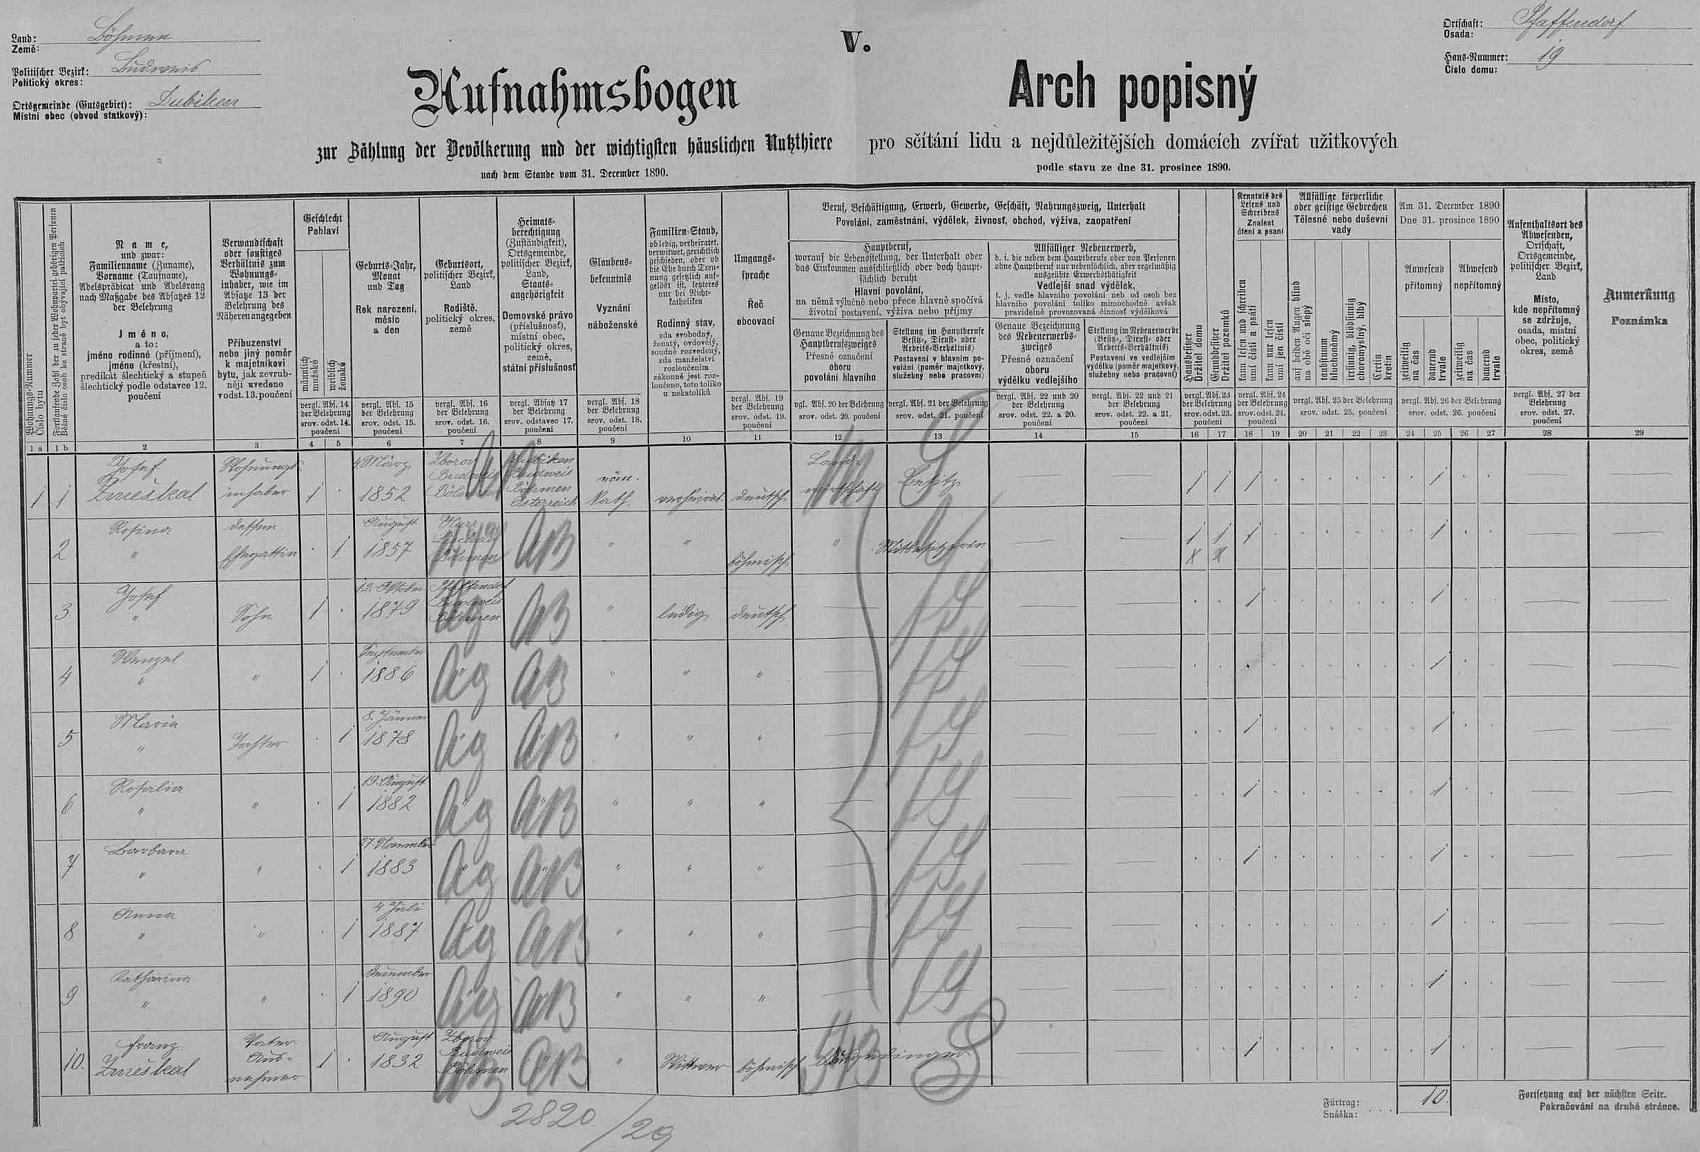 Arch sčítání lidu z roku 1890 pro dům čp. 19 v Hlincové Hoře s rodinou Zmeškalovou a tehdy jedenáctiletým Josefem